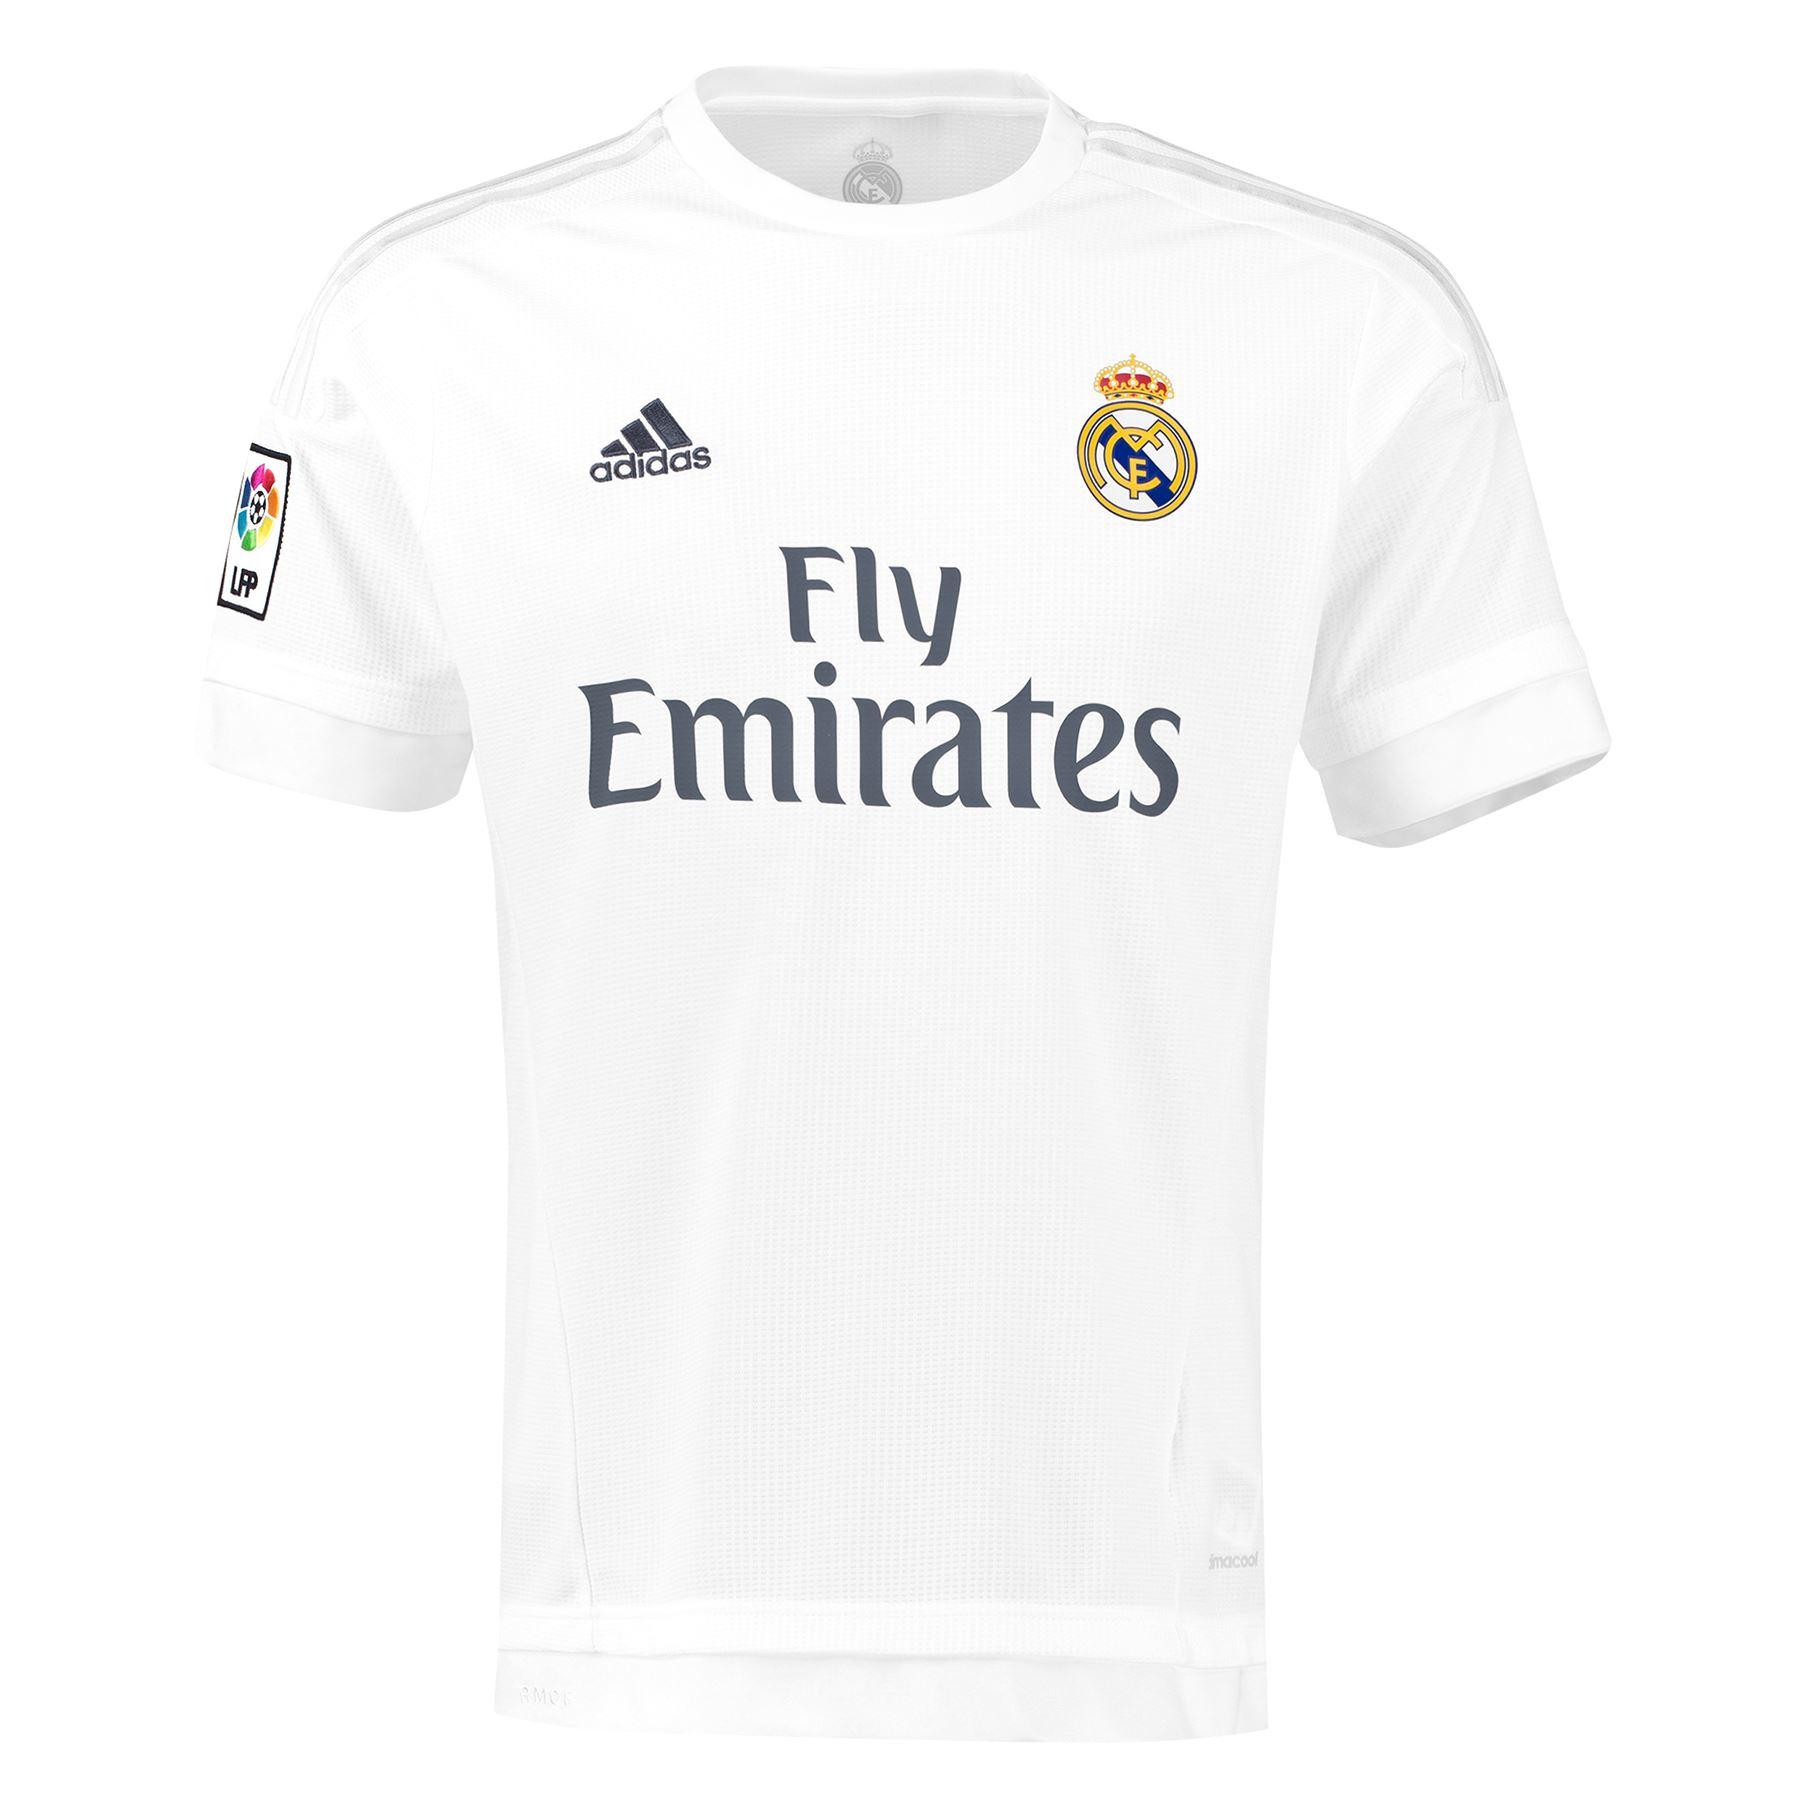 adidas Mens Real Madrid Football Home Shirt Jersey T-Shirt